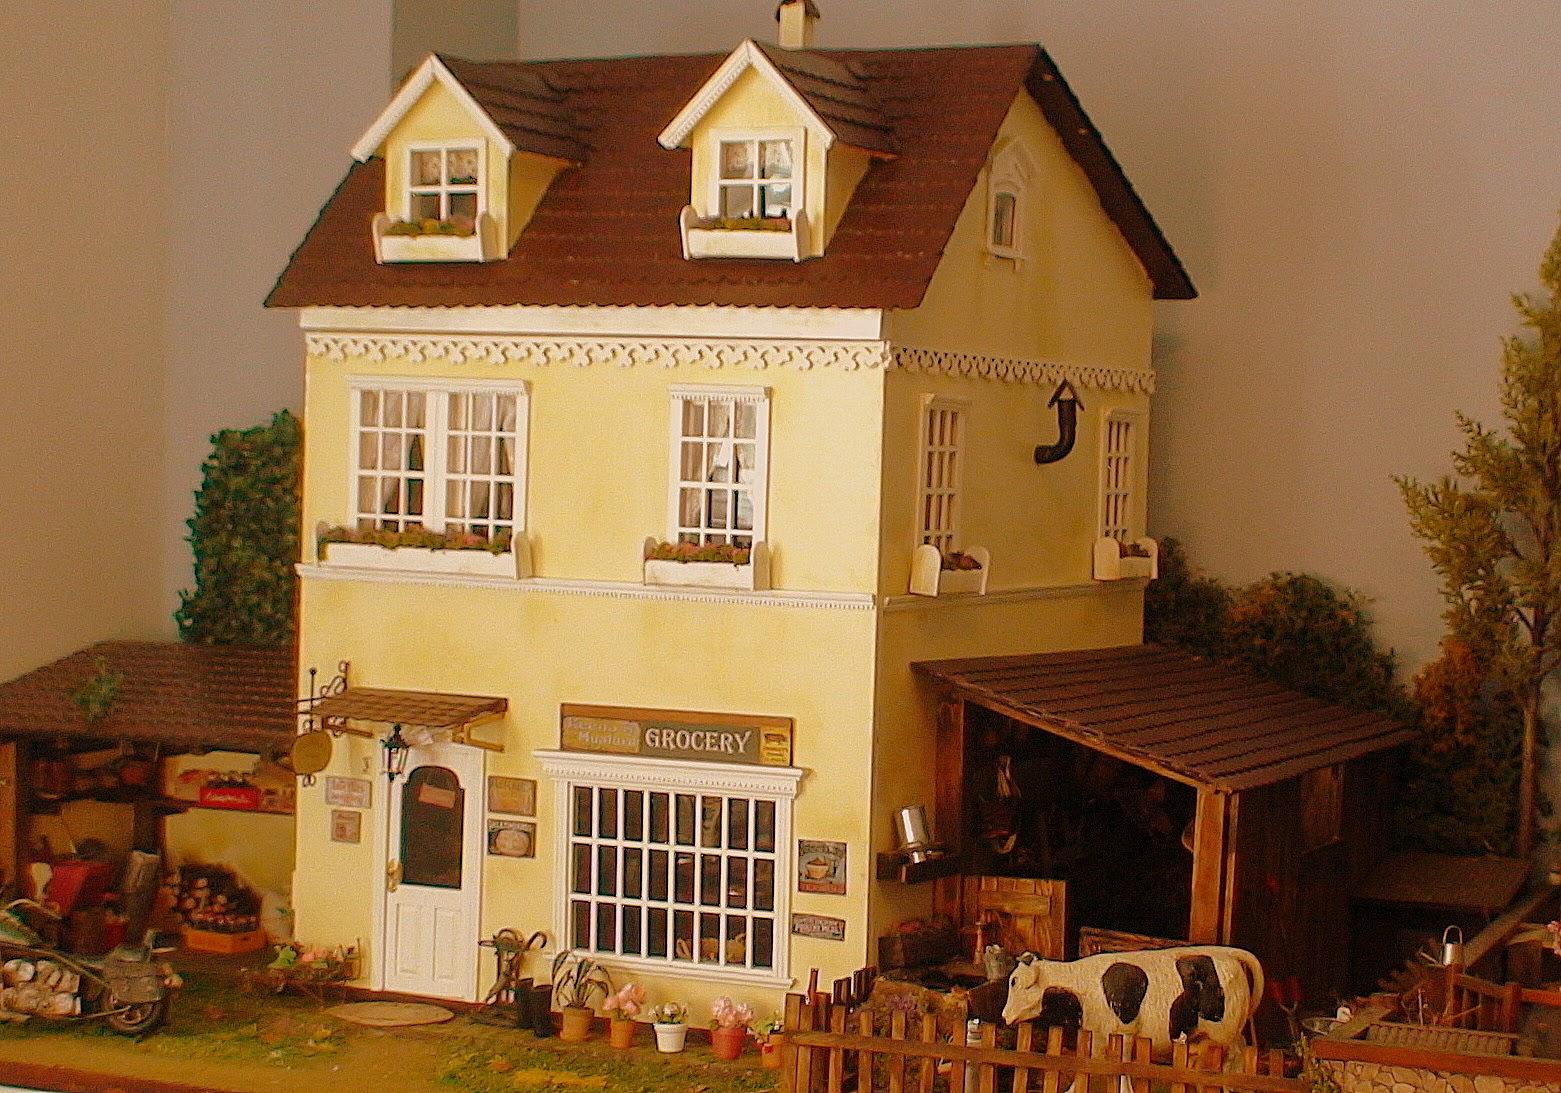 La Casa Tienda